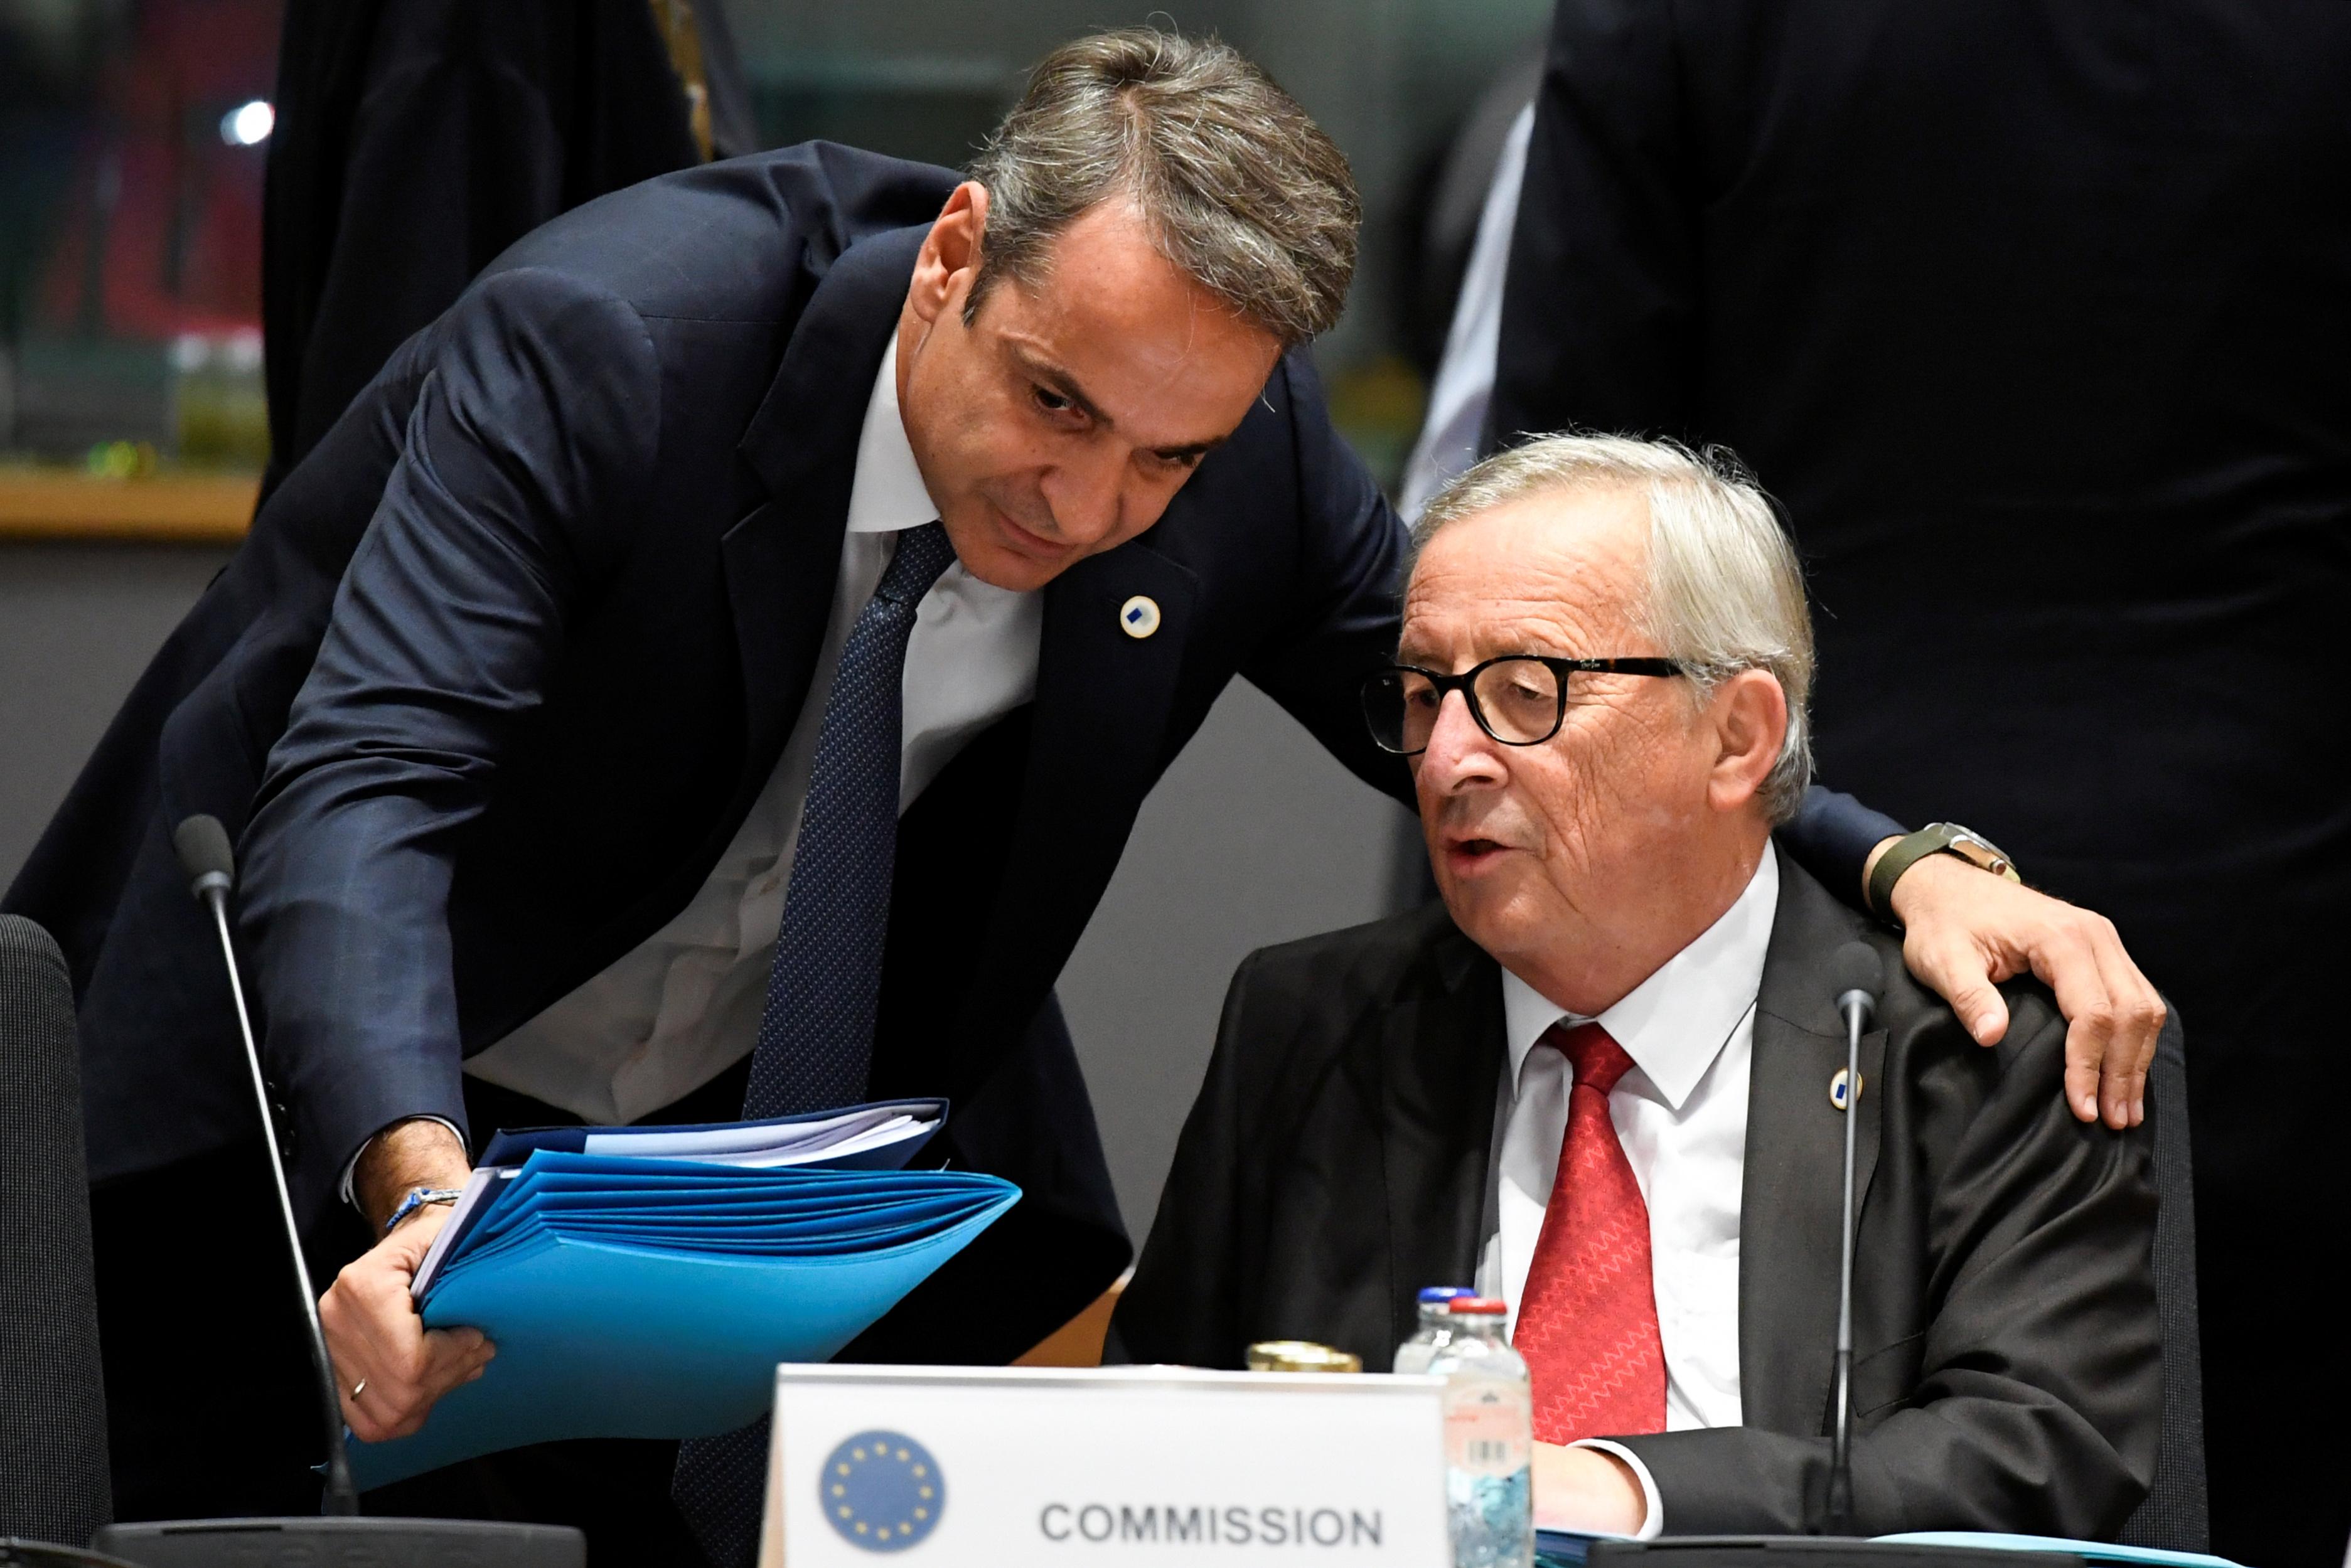 Γιούνκερ: Θα πήγαινα για ποτό με Τσίπρα και Μητσοτάκη - Τι αποκάλυψε για τους Έλληνες πρωθυπουργούς